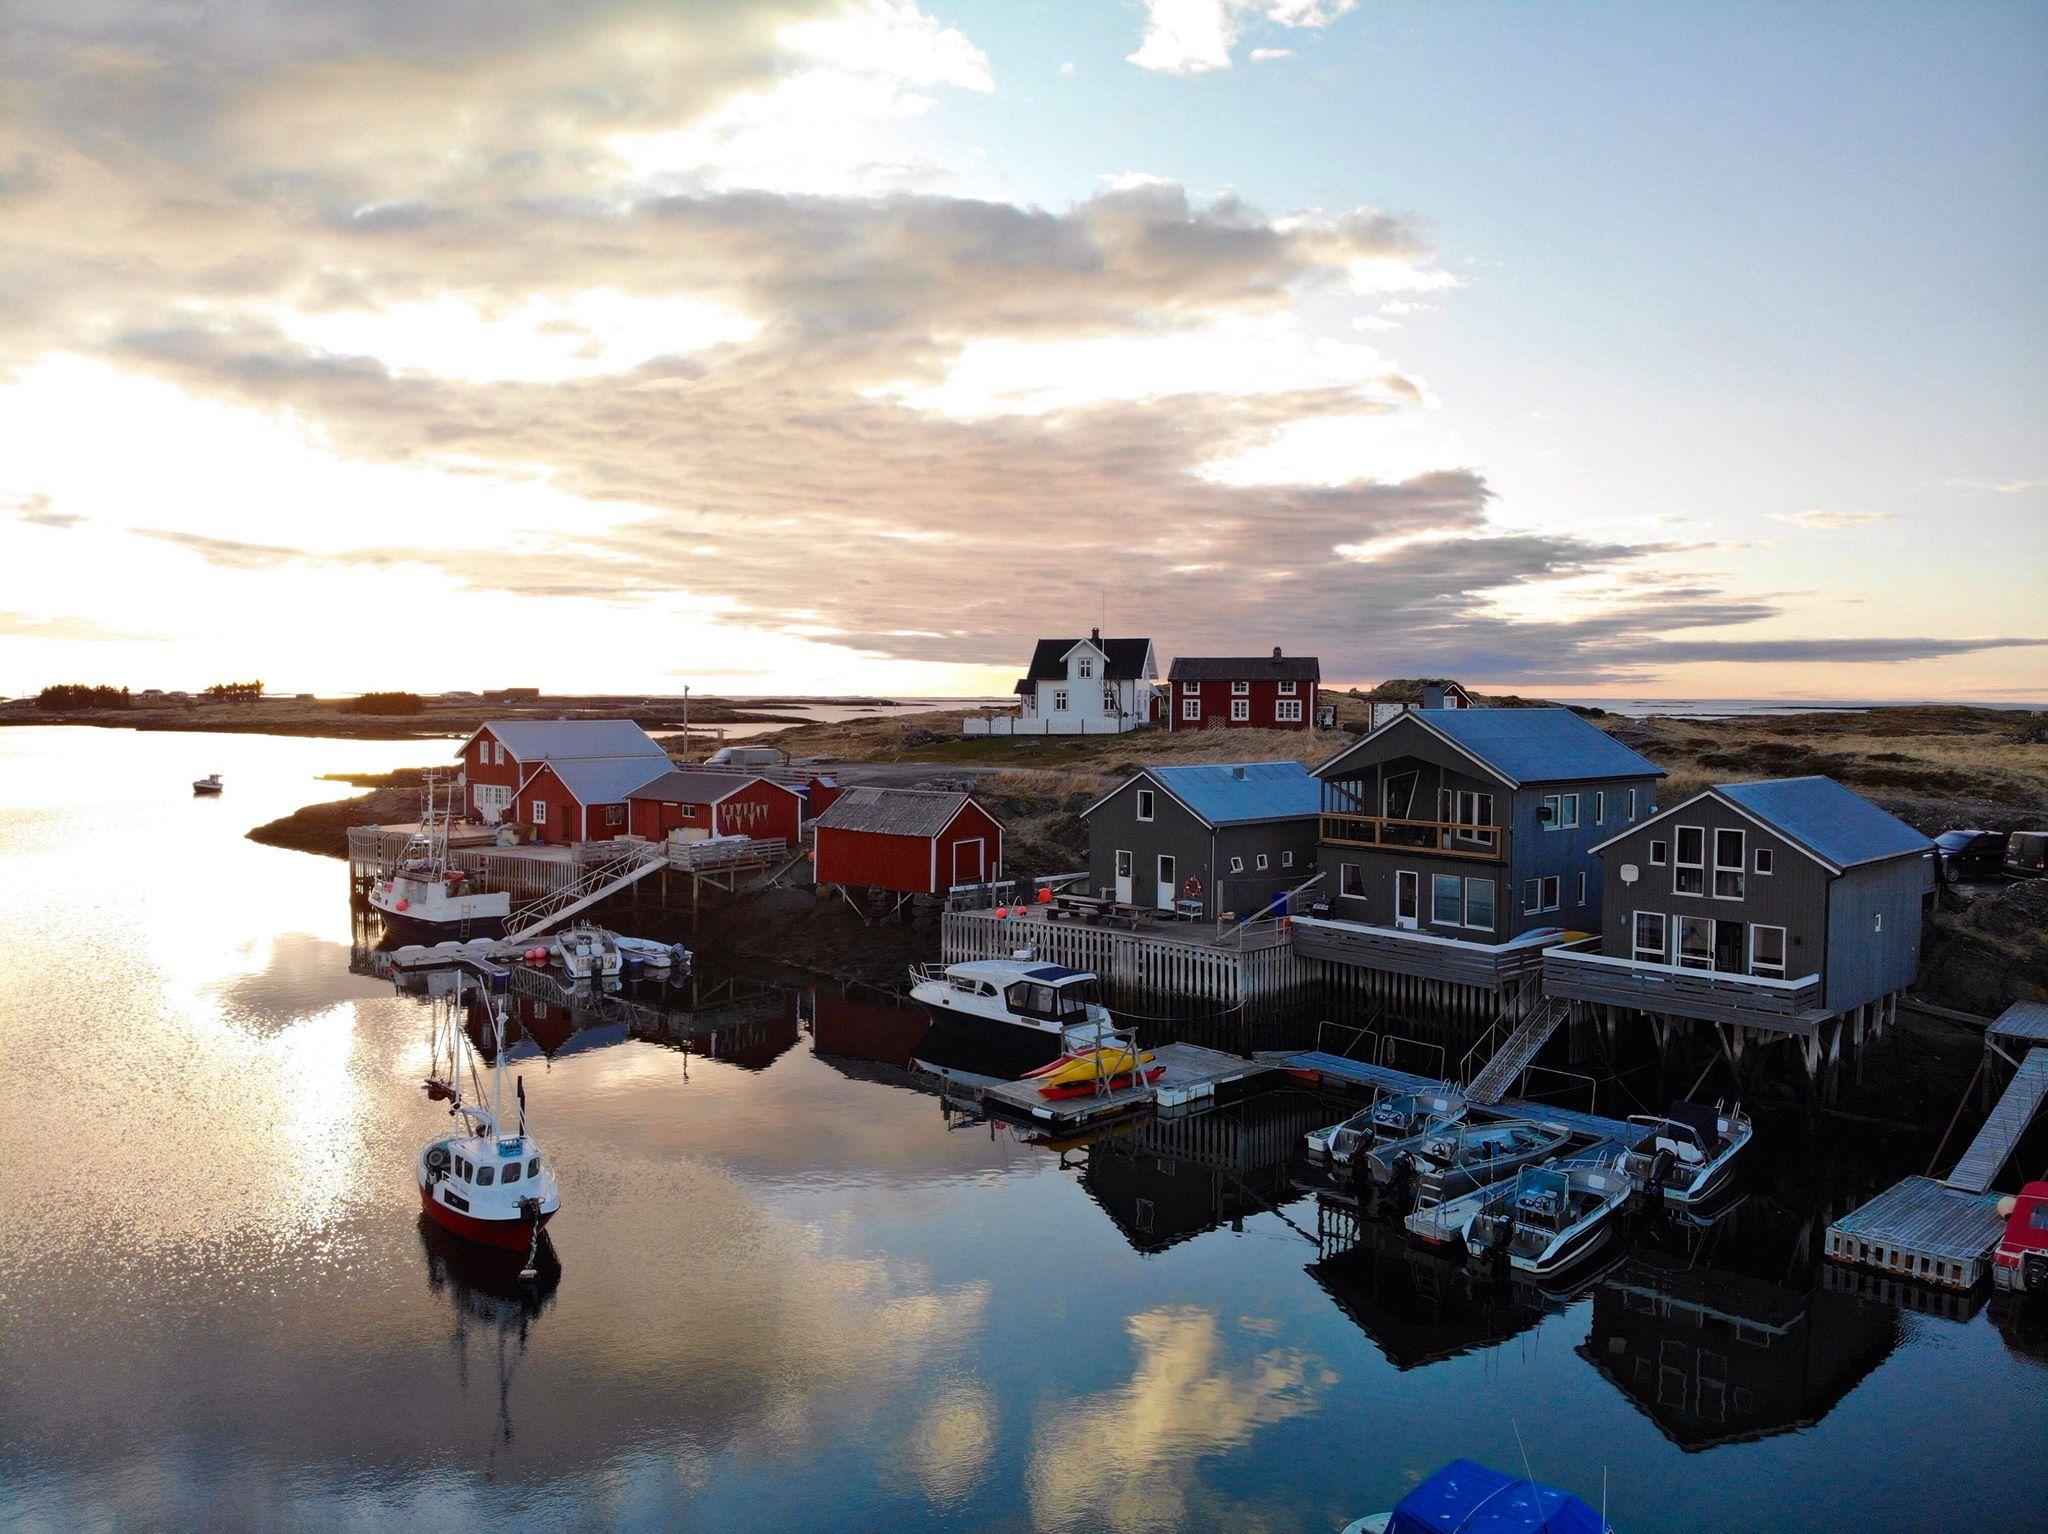 Bryggeloftet - På bryggeloftet kan dere bo i en koselig leilighet med fantastisk utsikt over havna på Nes.